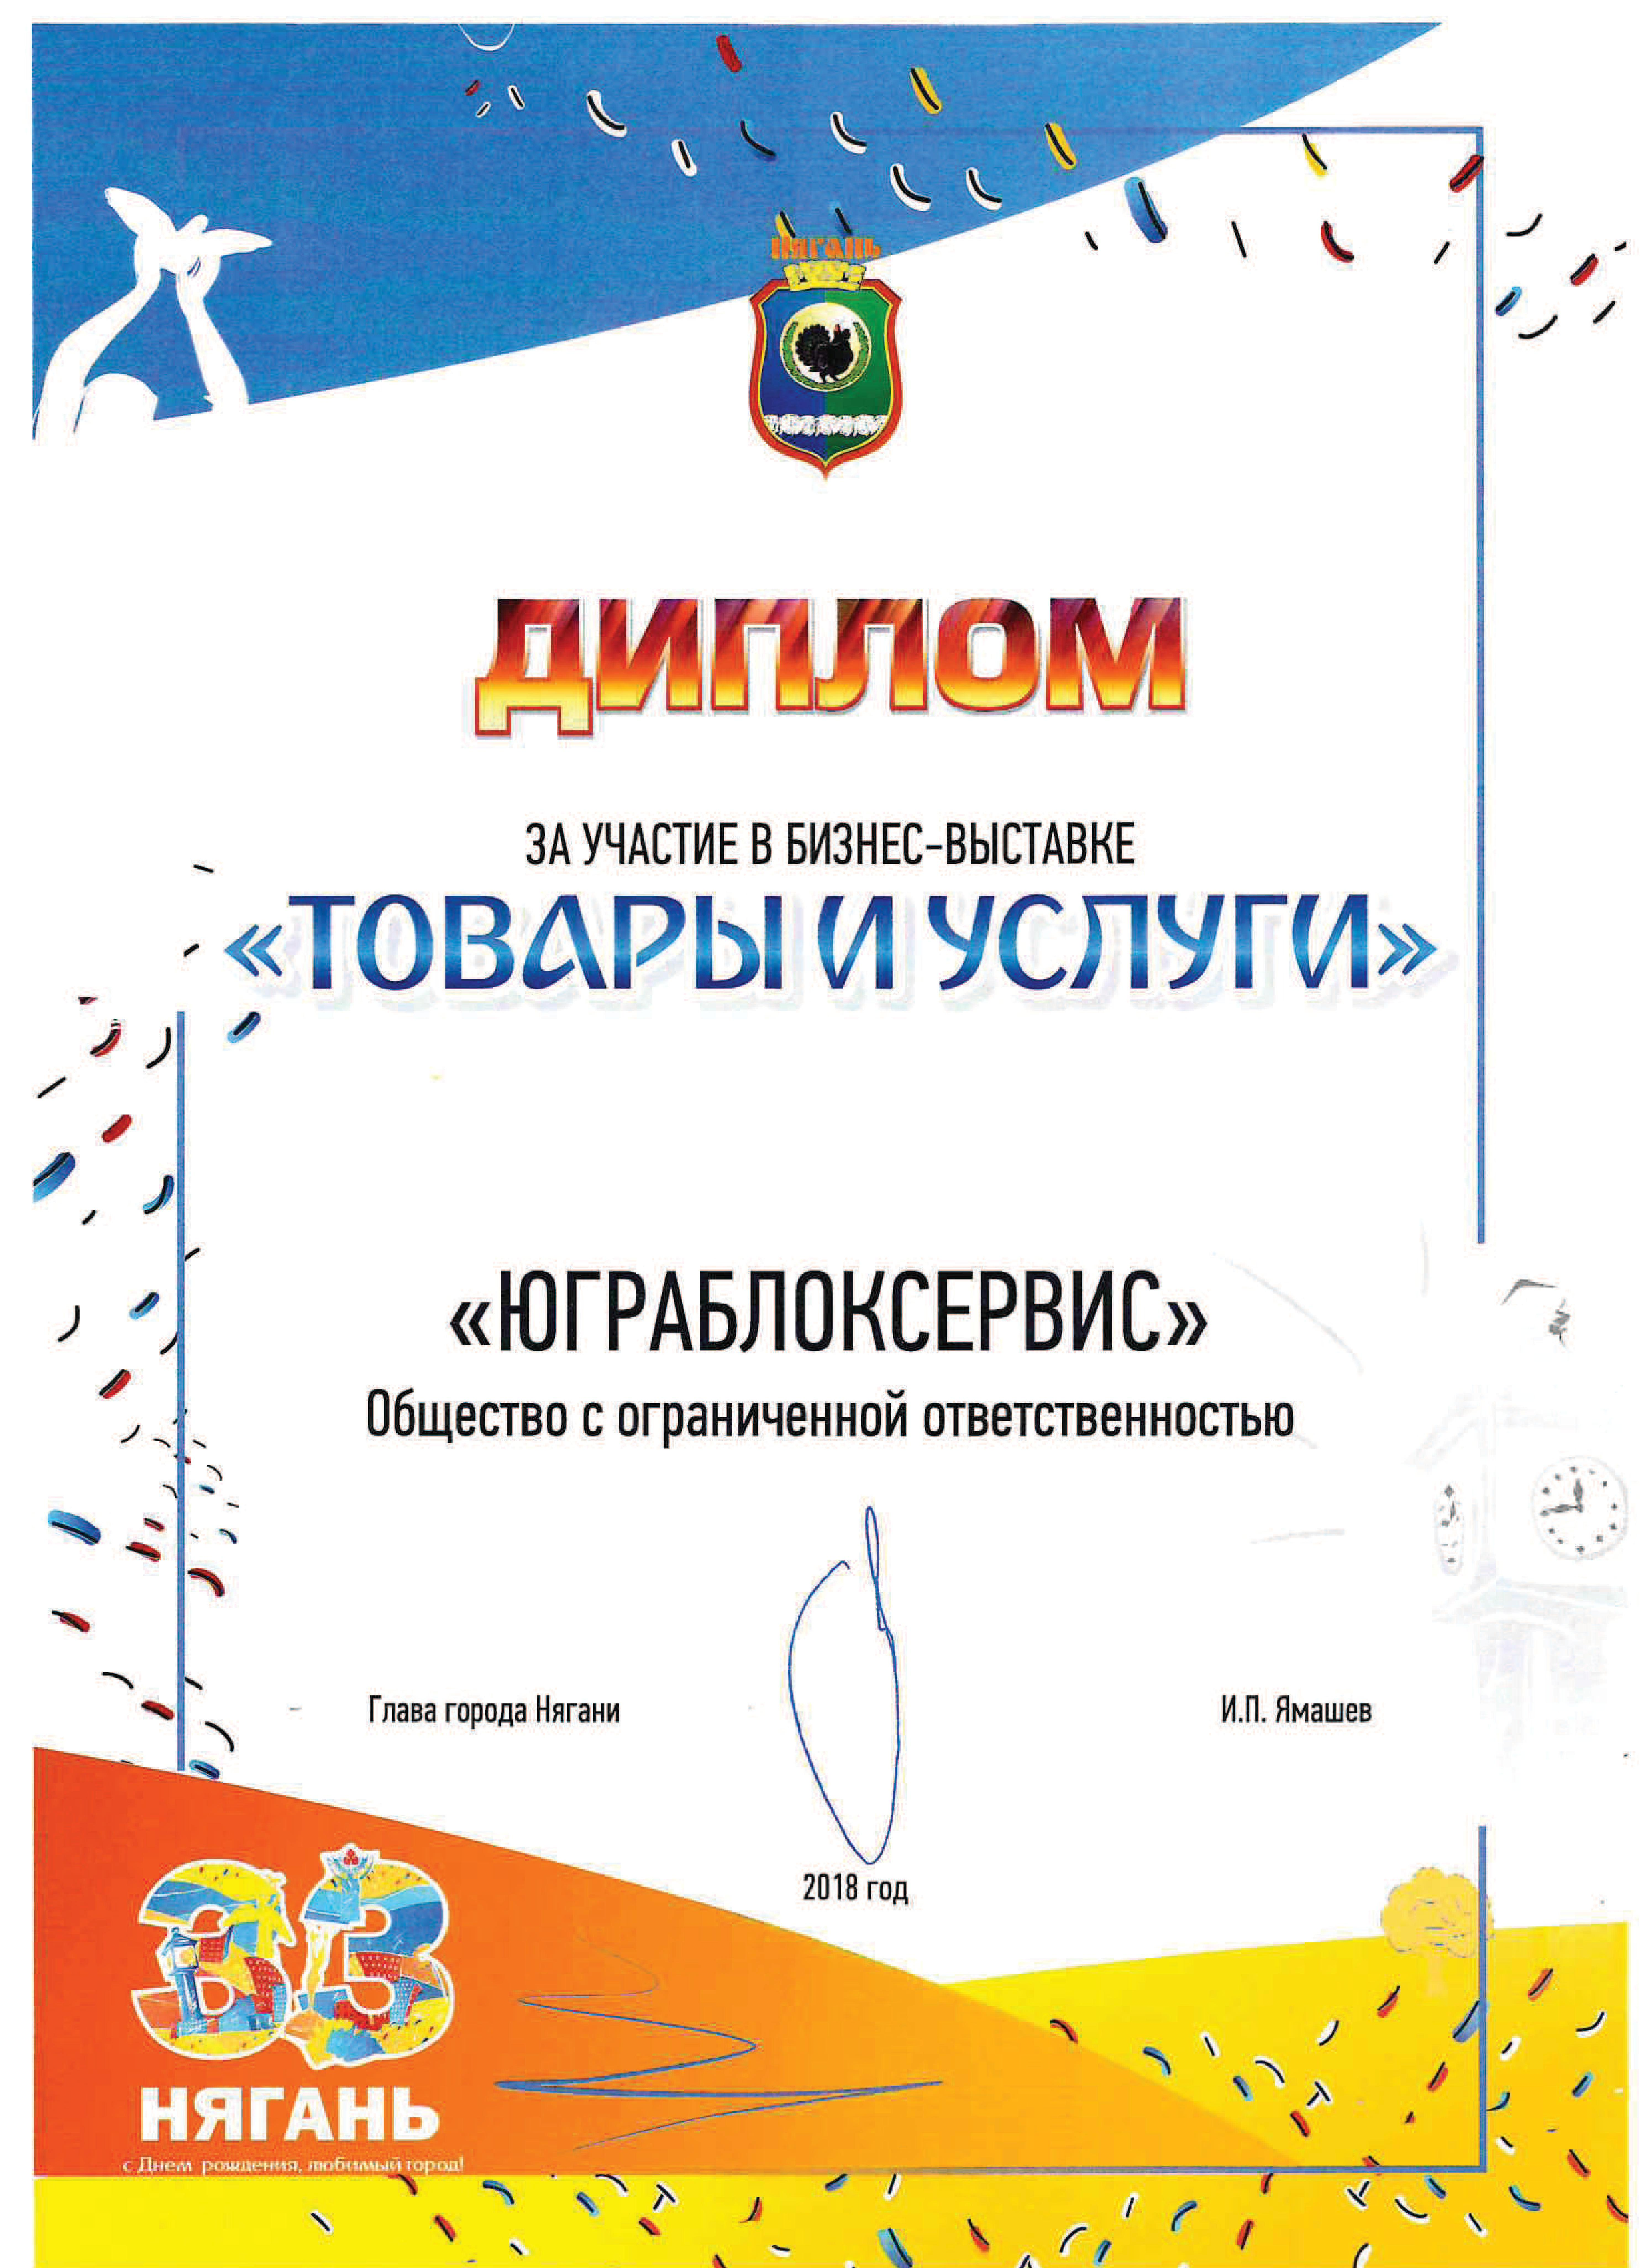 Диплом участия в Бизнес выставке г